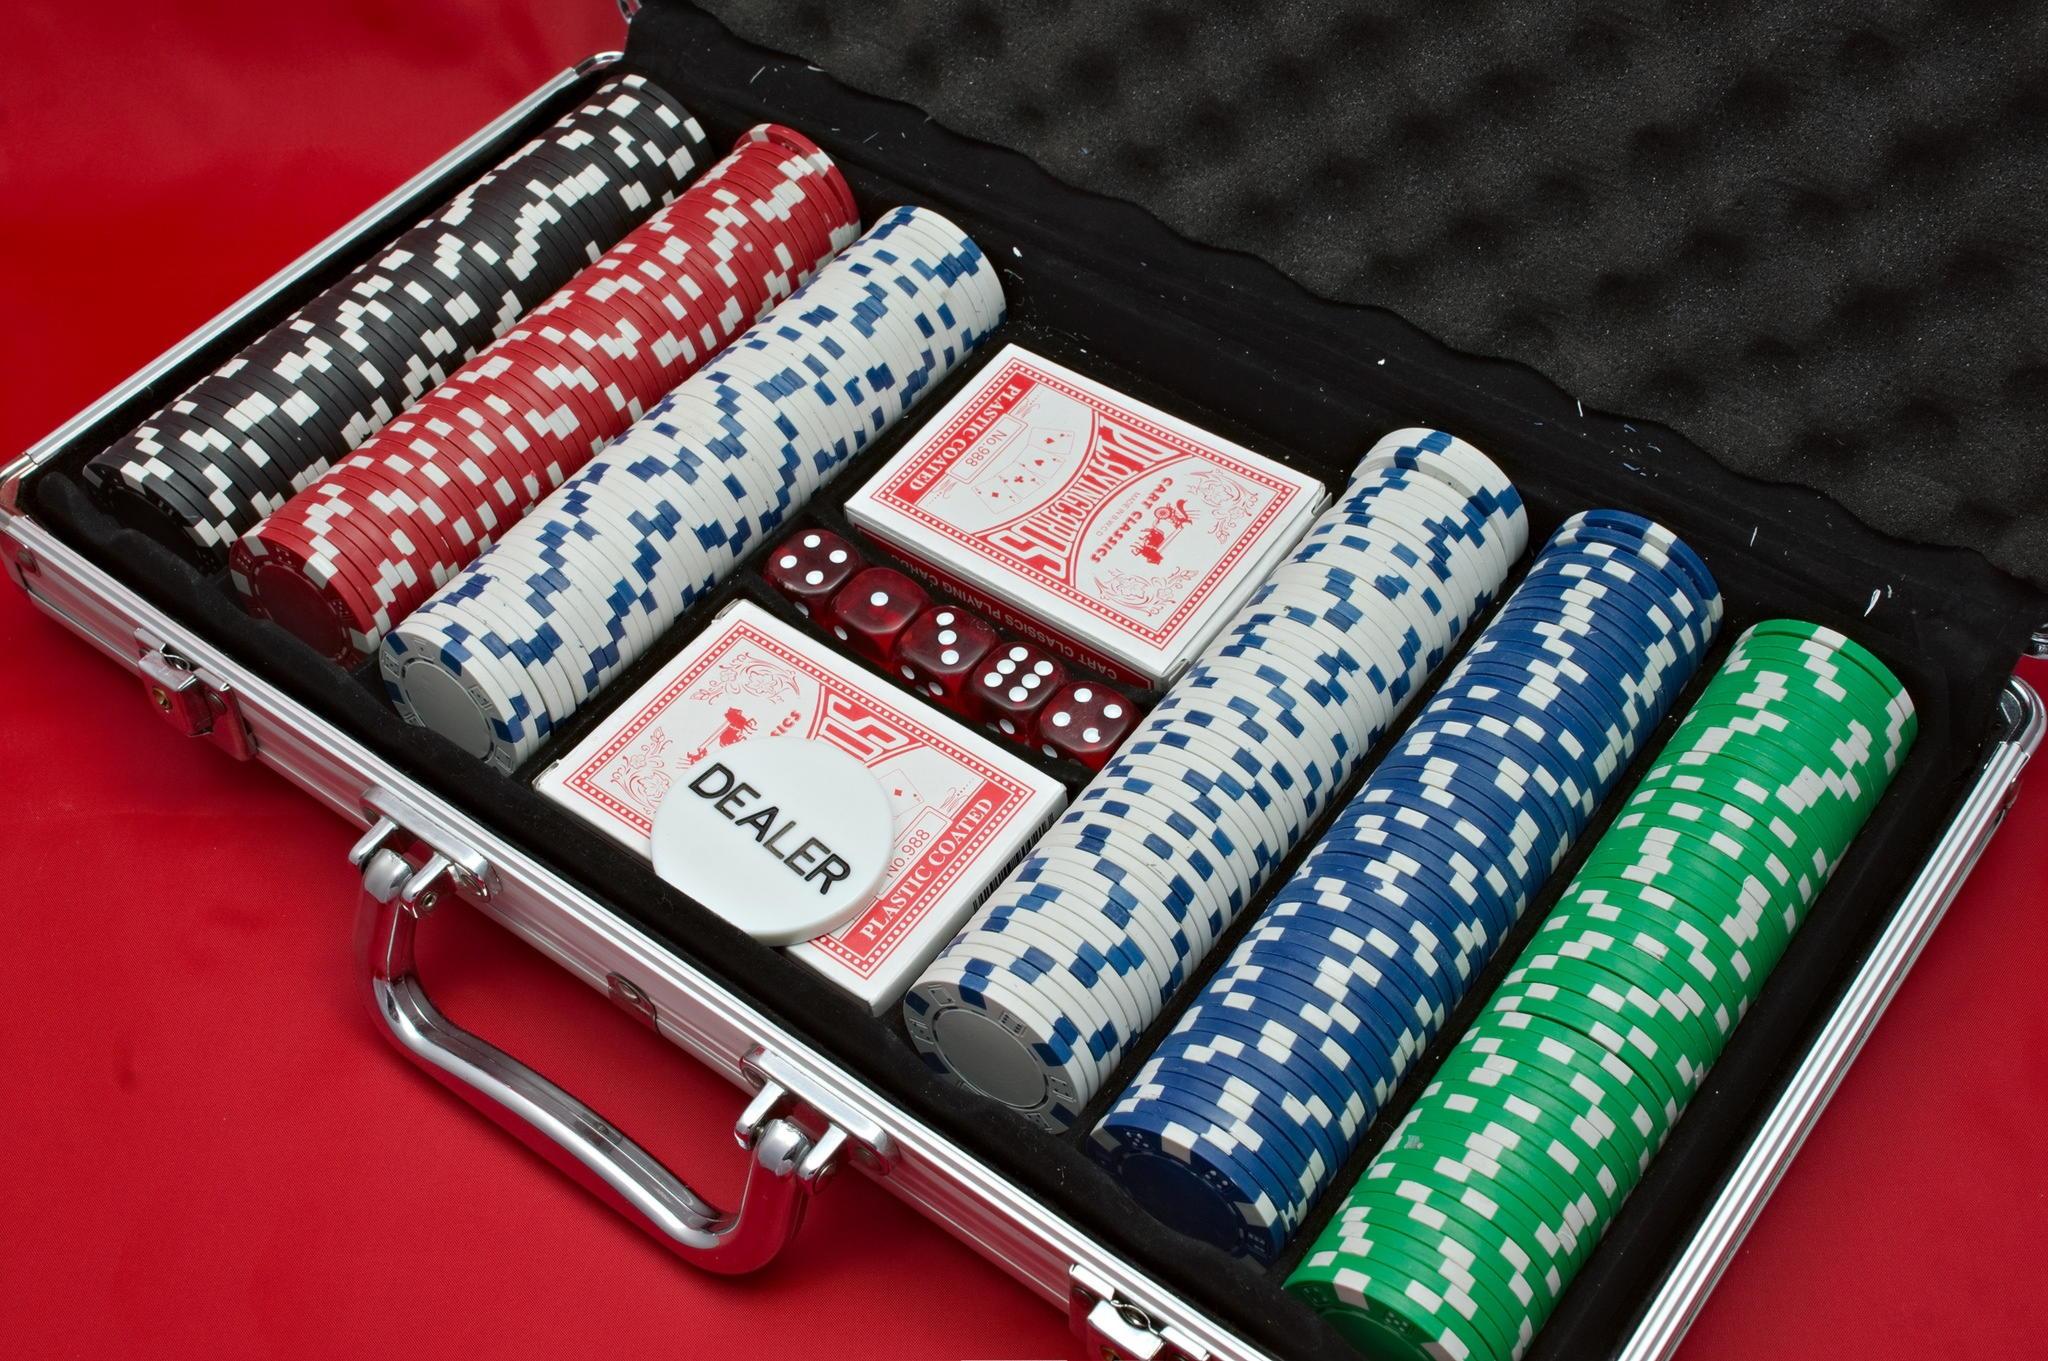 EURO 2535 ไม่มีคาสิโนโบนัสเงินฝากที่ Ignition Casino